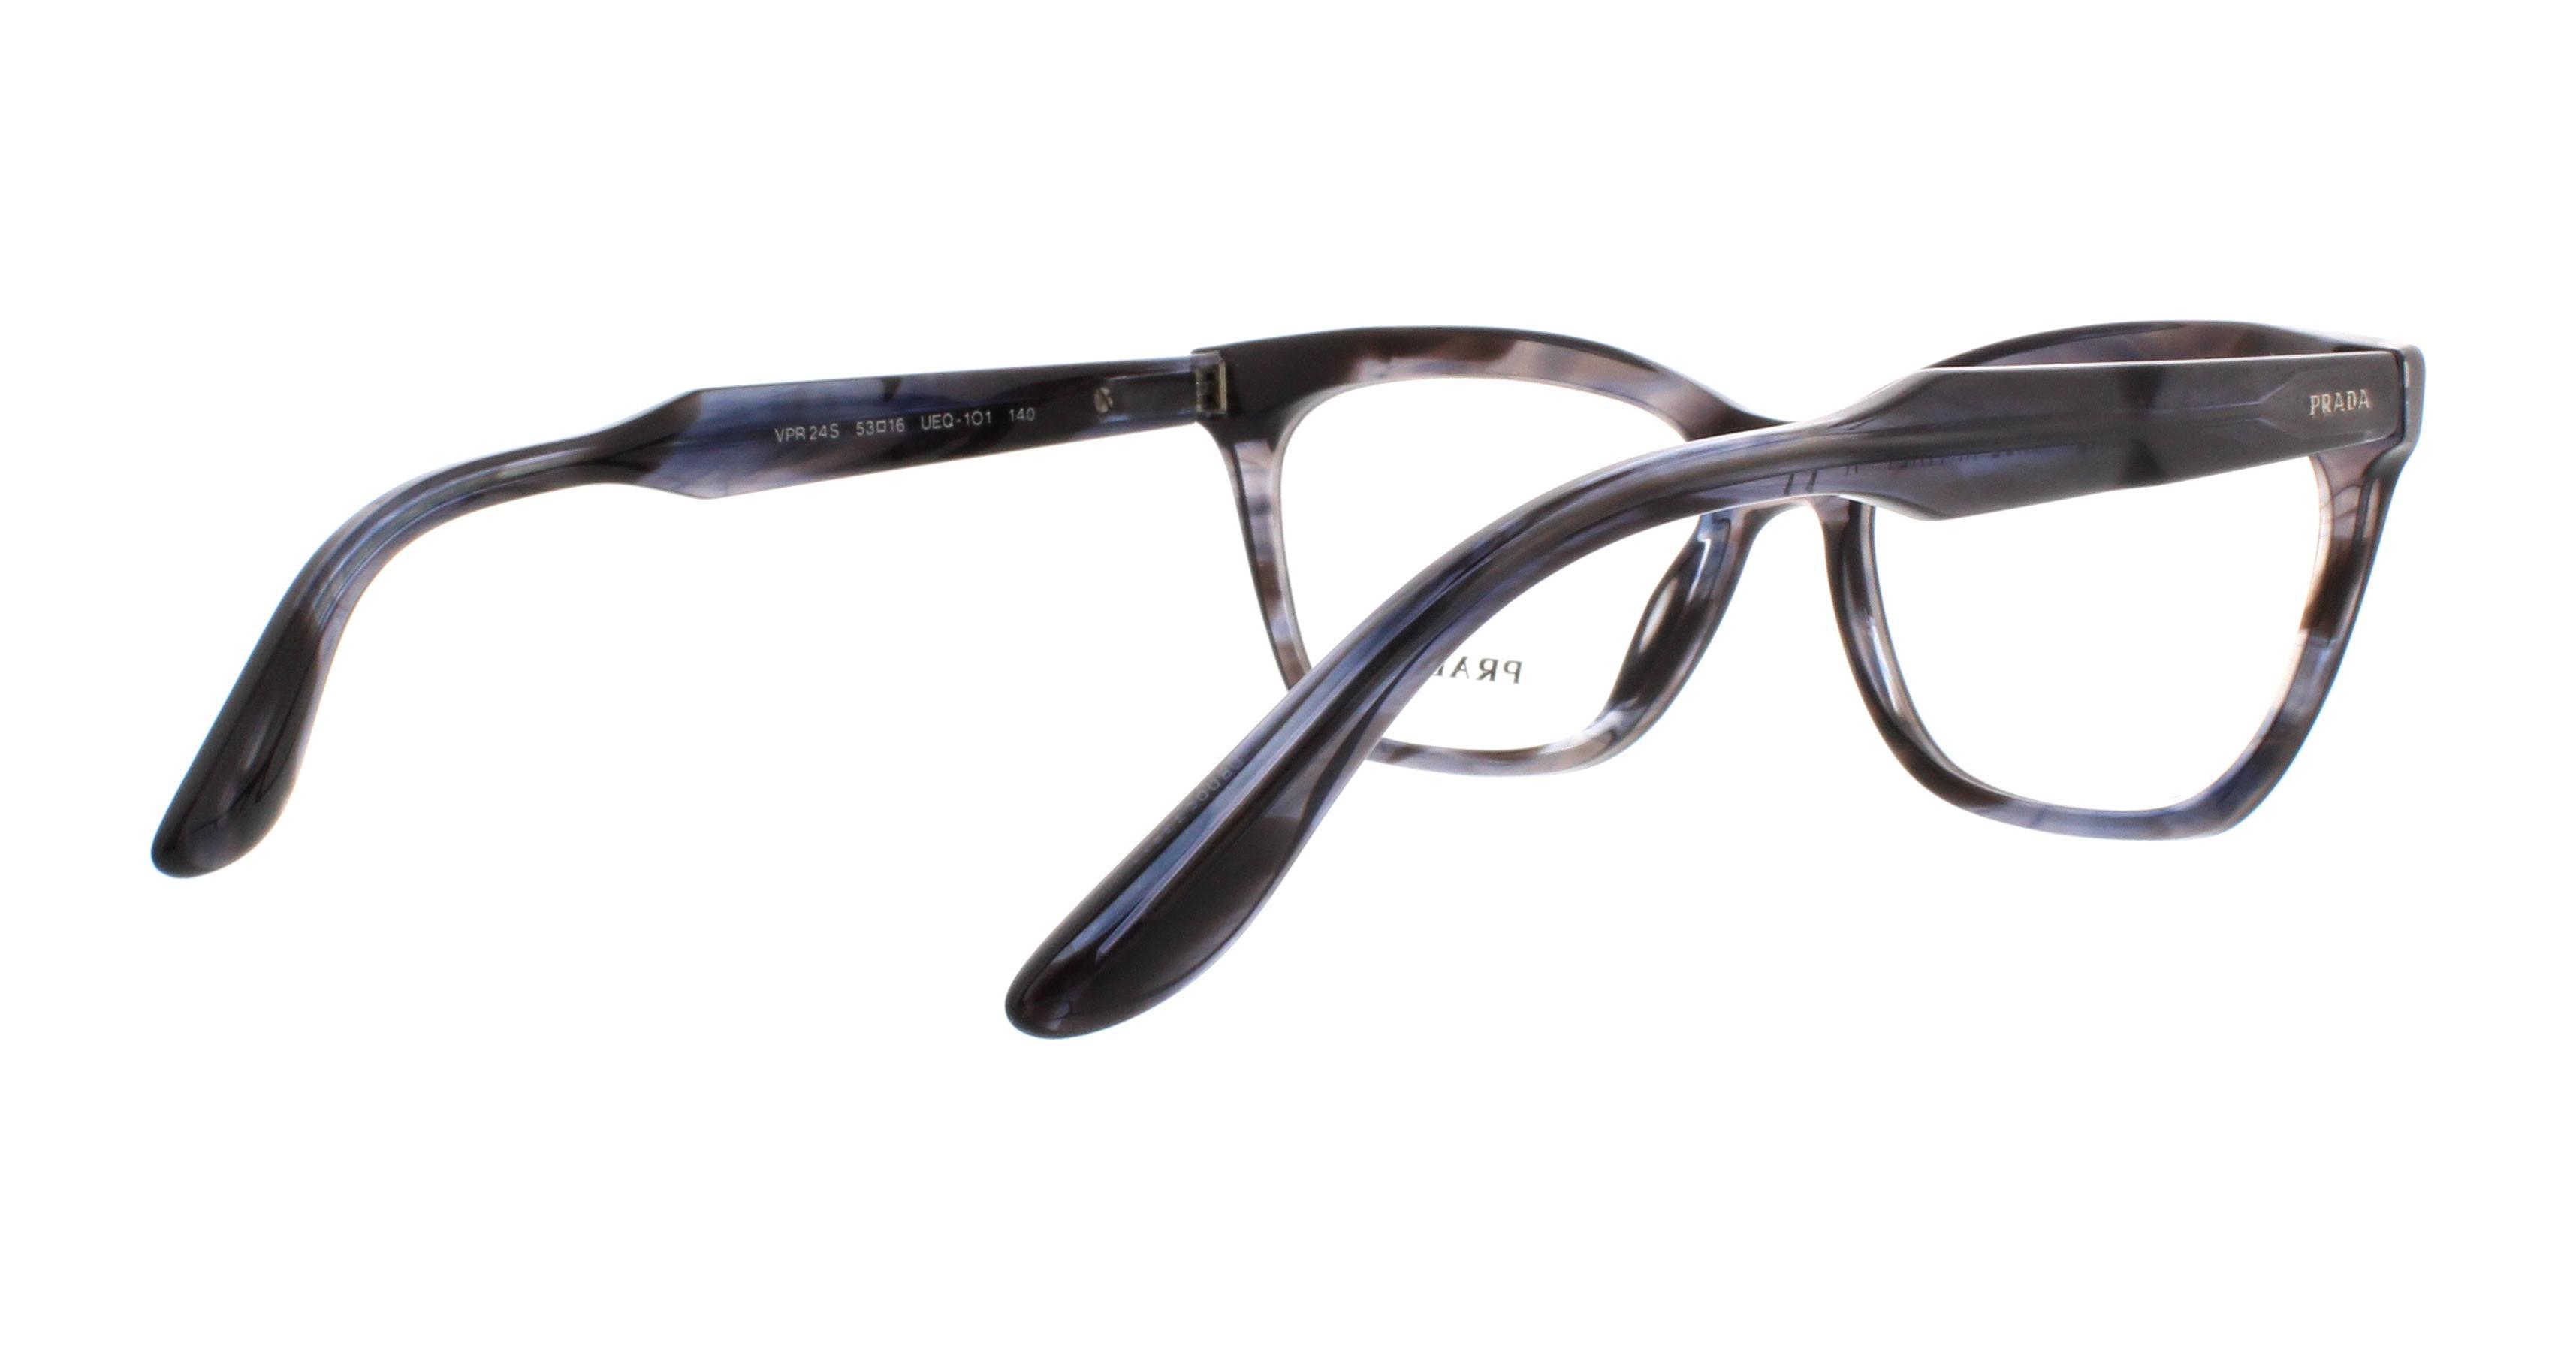 d3ecad8fc5 PRADA Eyeglasses PR24SV UEQ1O1 Striped Violet 53MM - Walmart.com